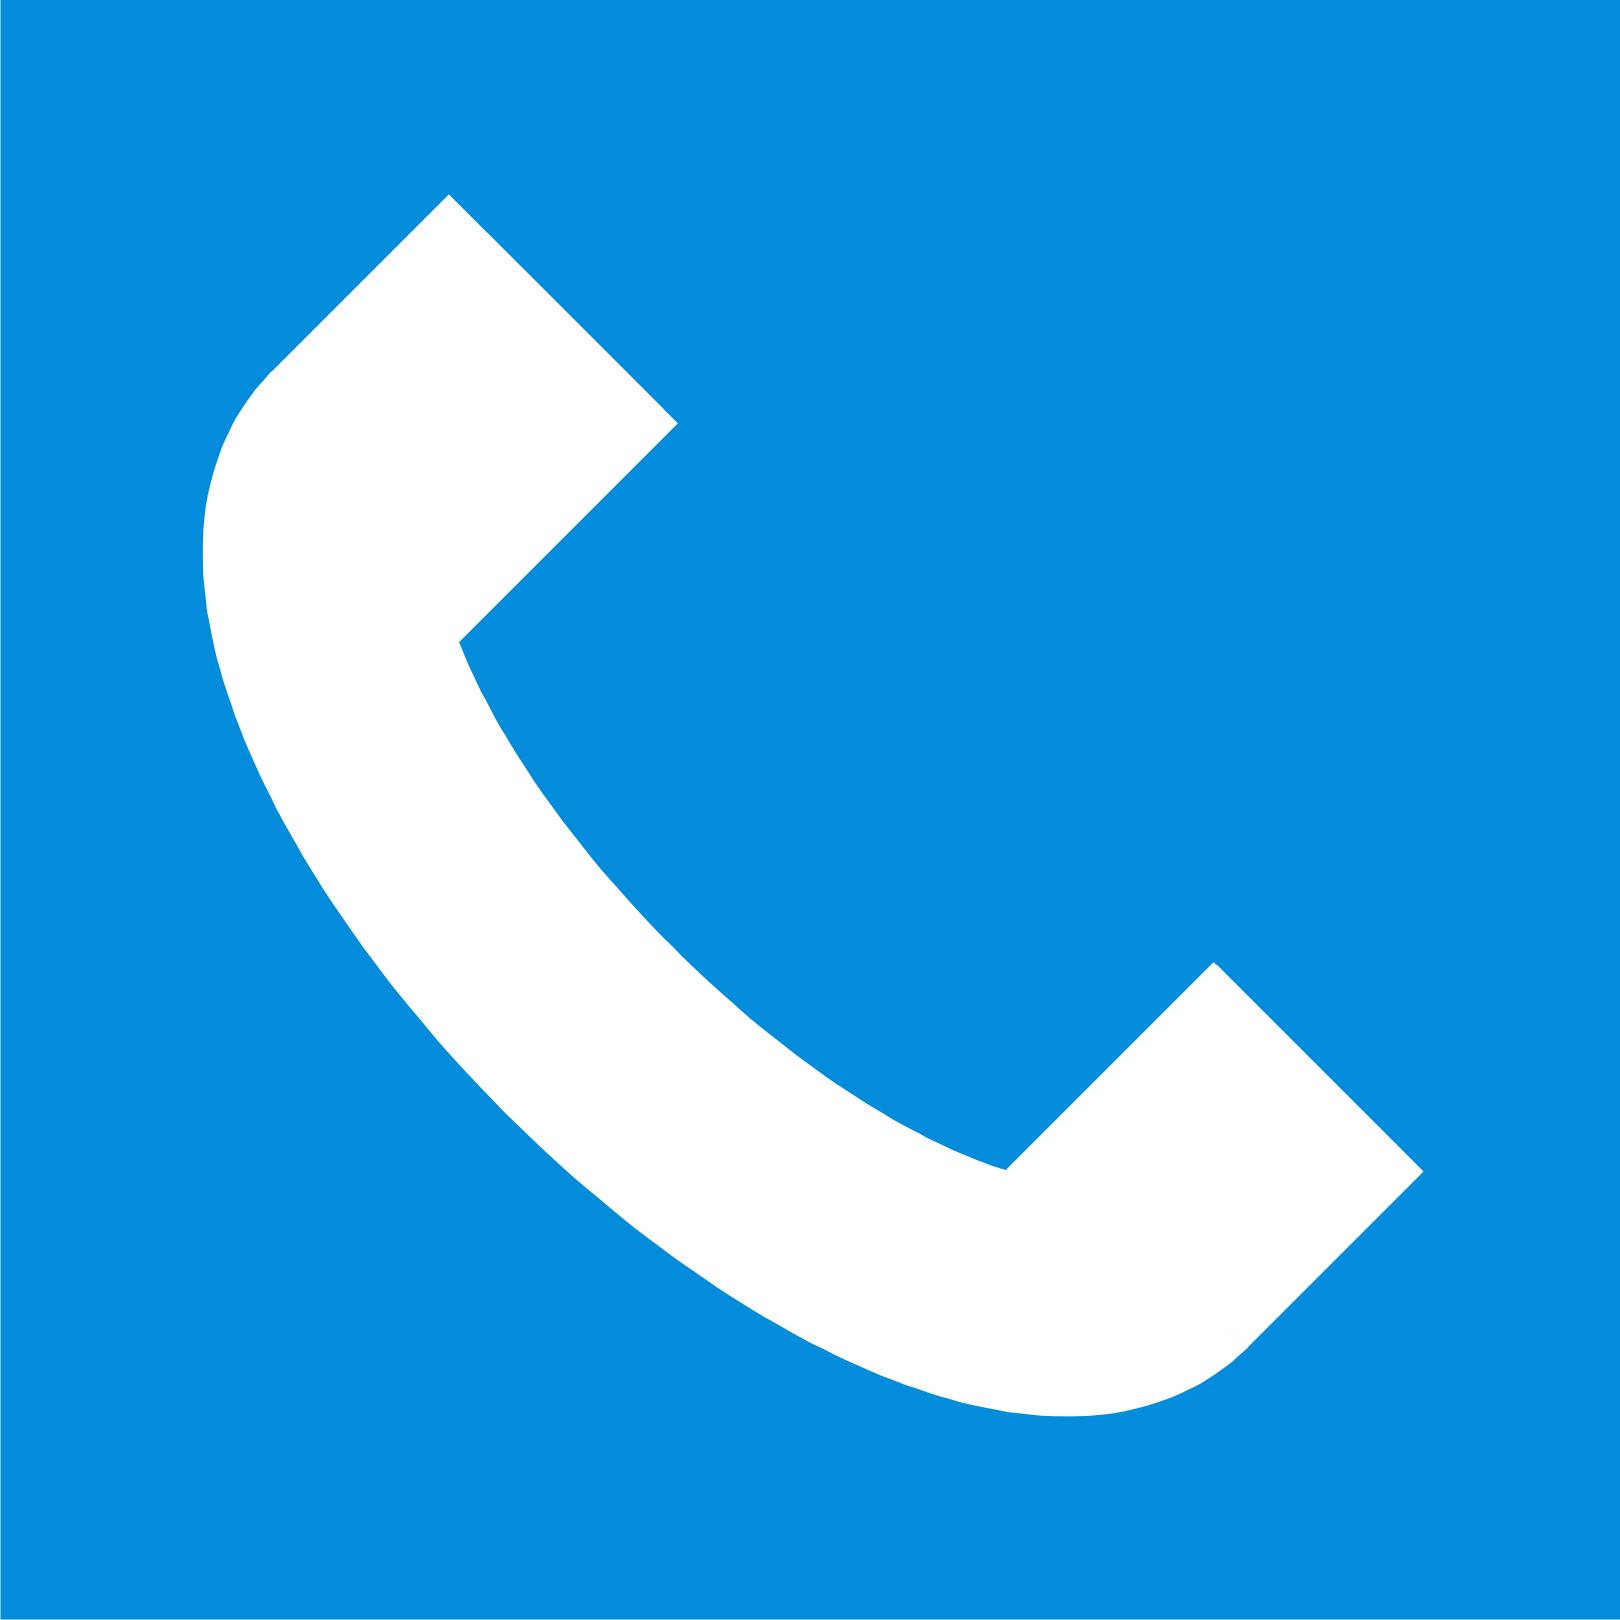 dostęp to telefonicznej i e-mailowej pomocy technicznej, która działa w ramach wsparcia naszych klientów.